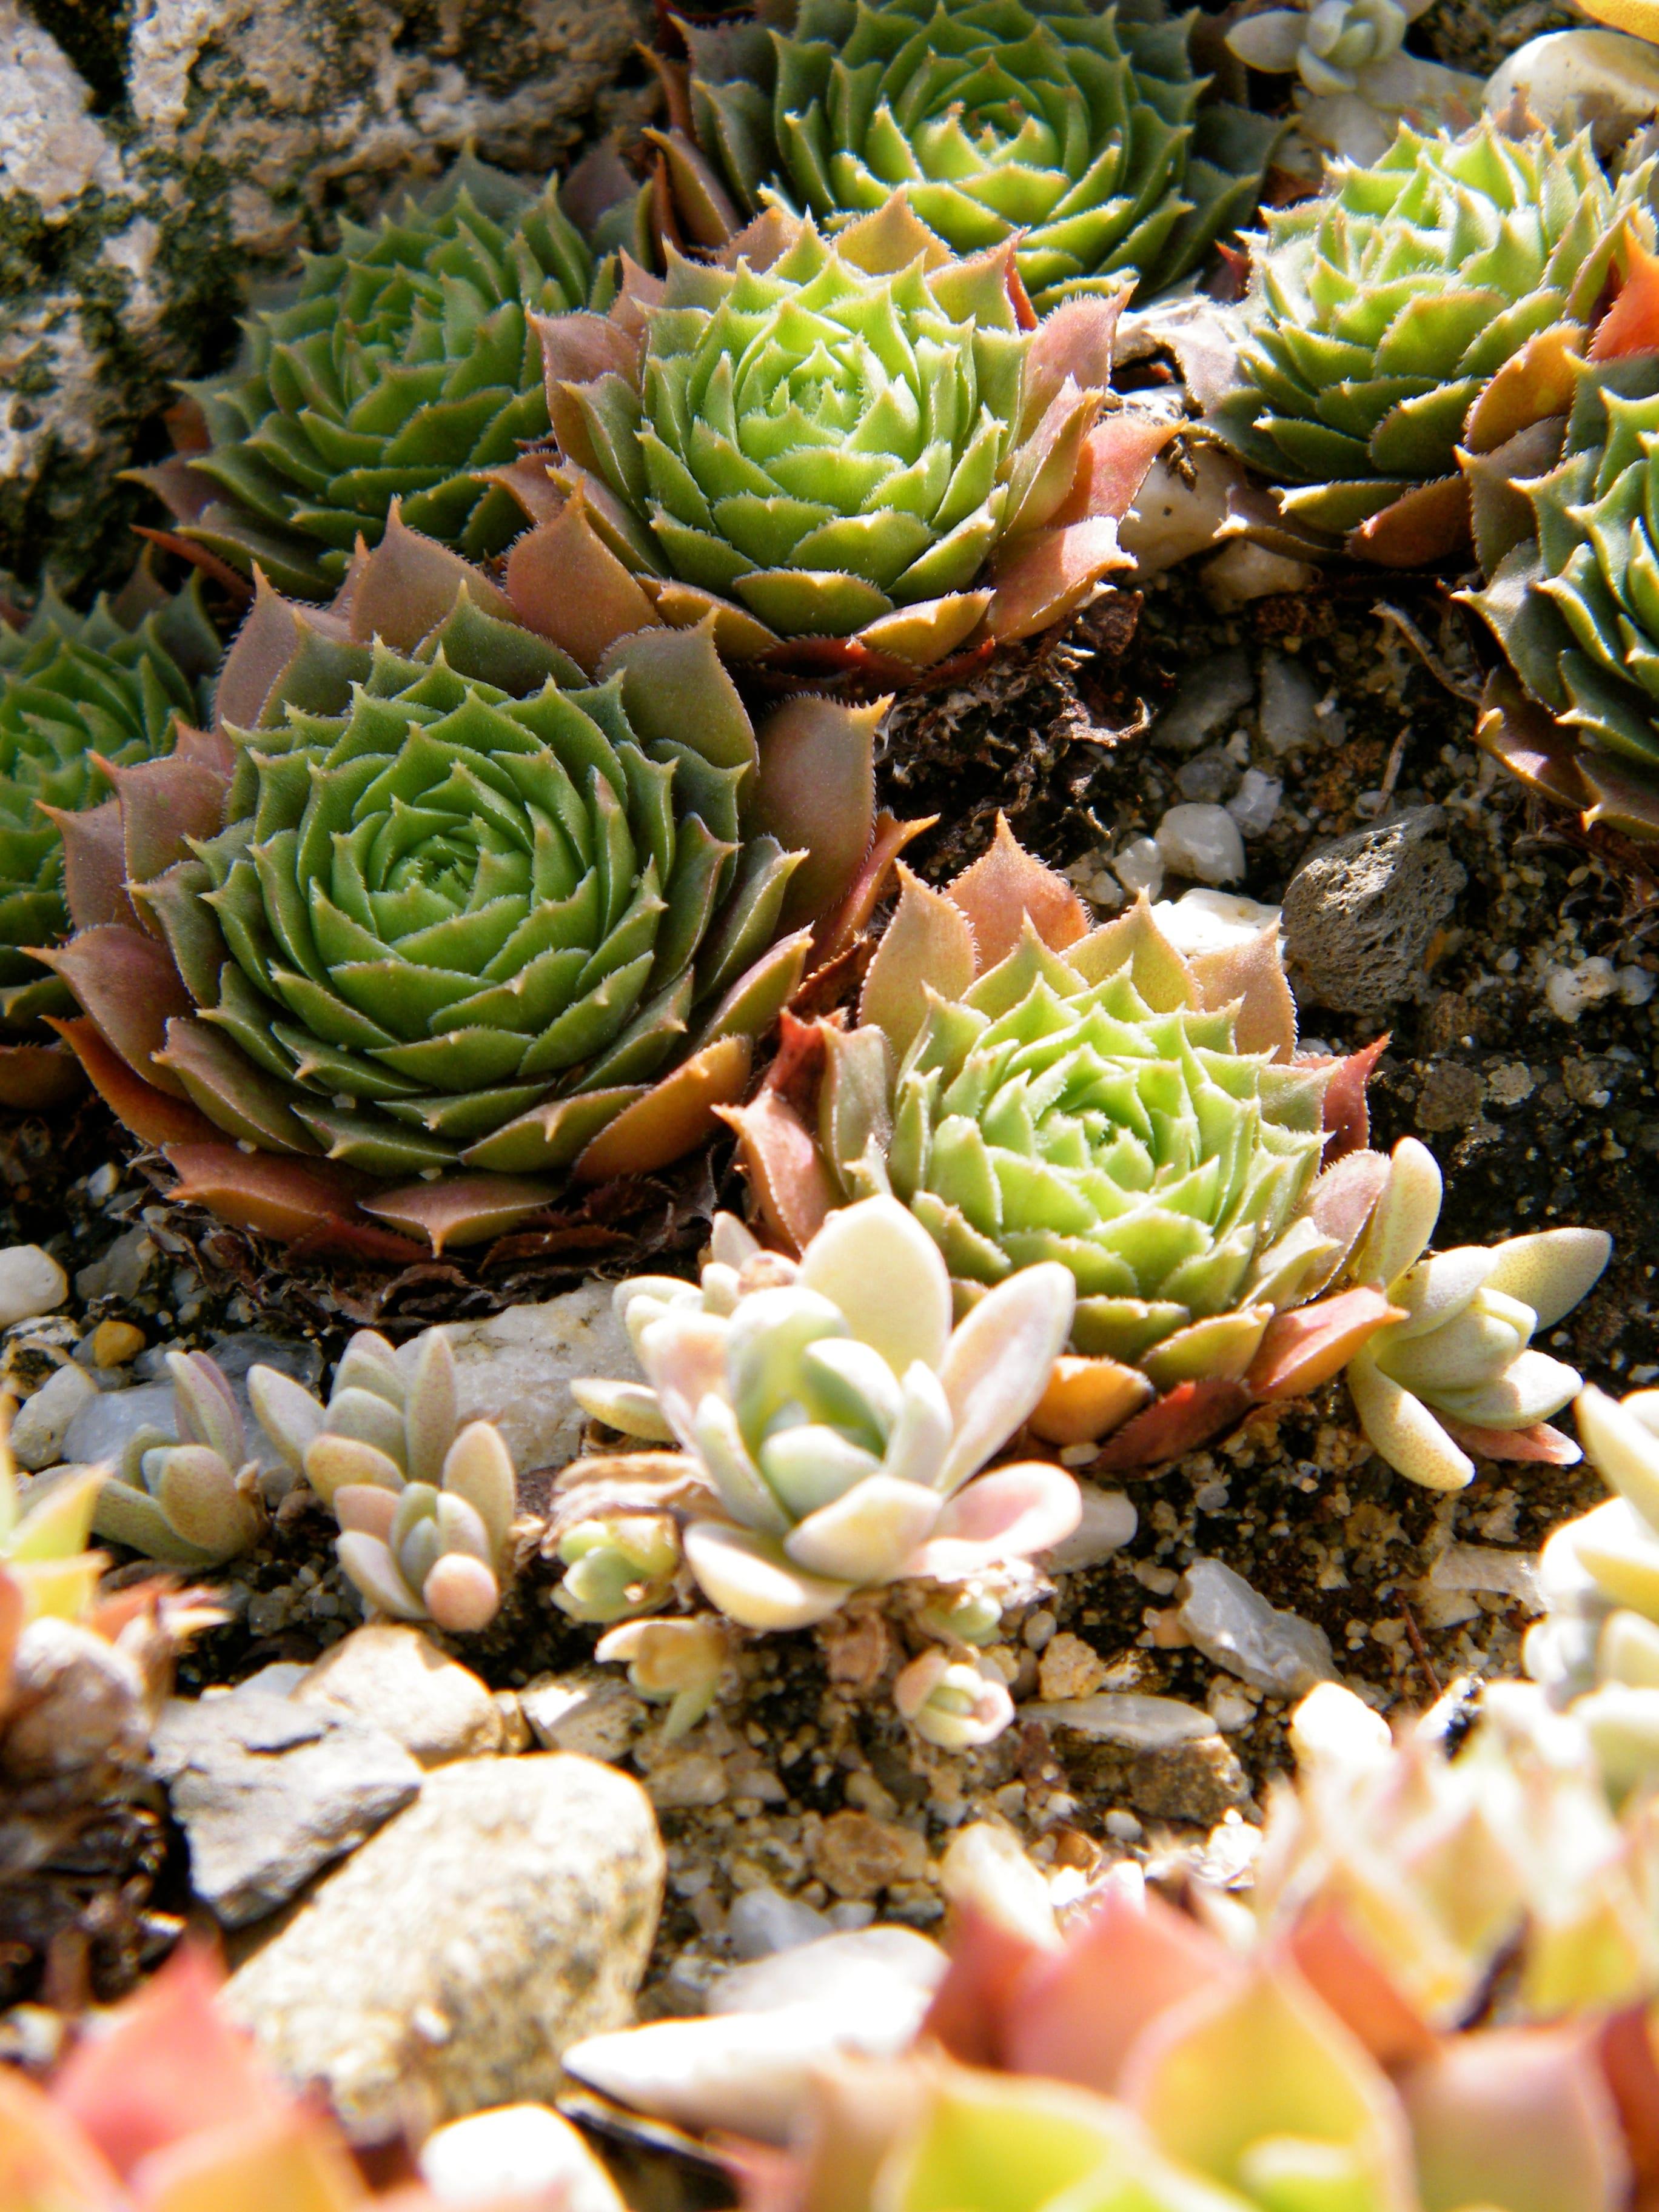 terrarium und steingarten dekorieren mit Hauswurzen